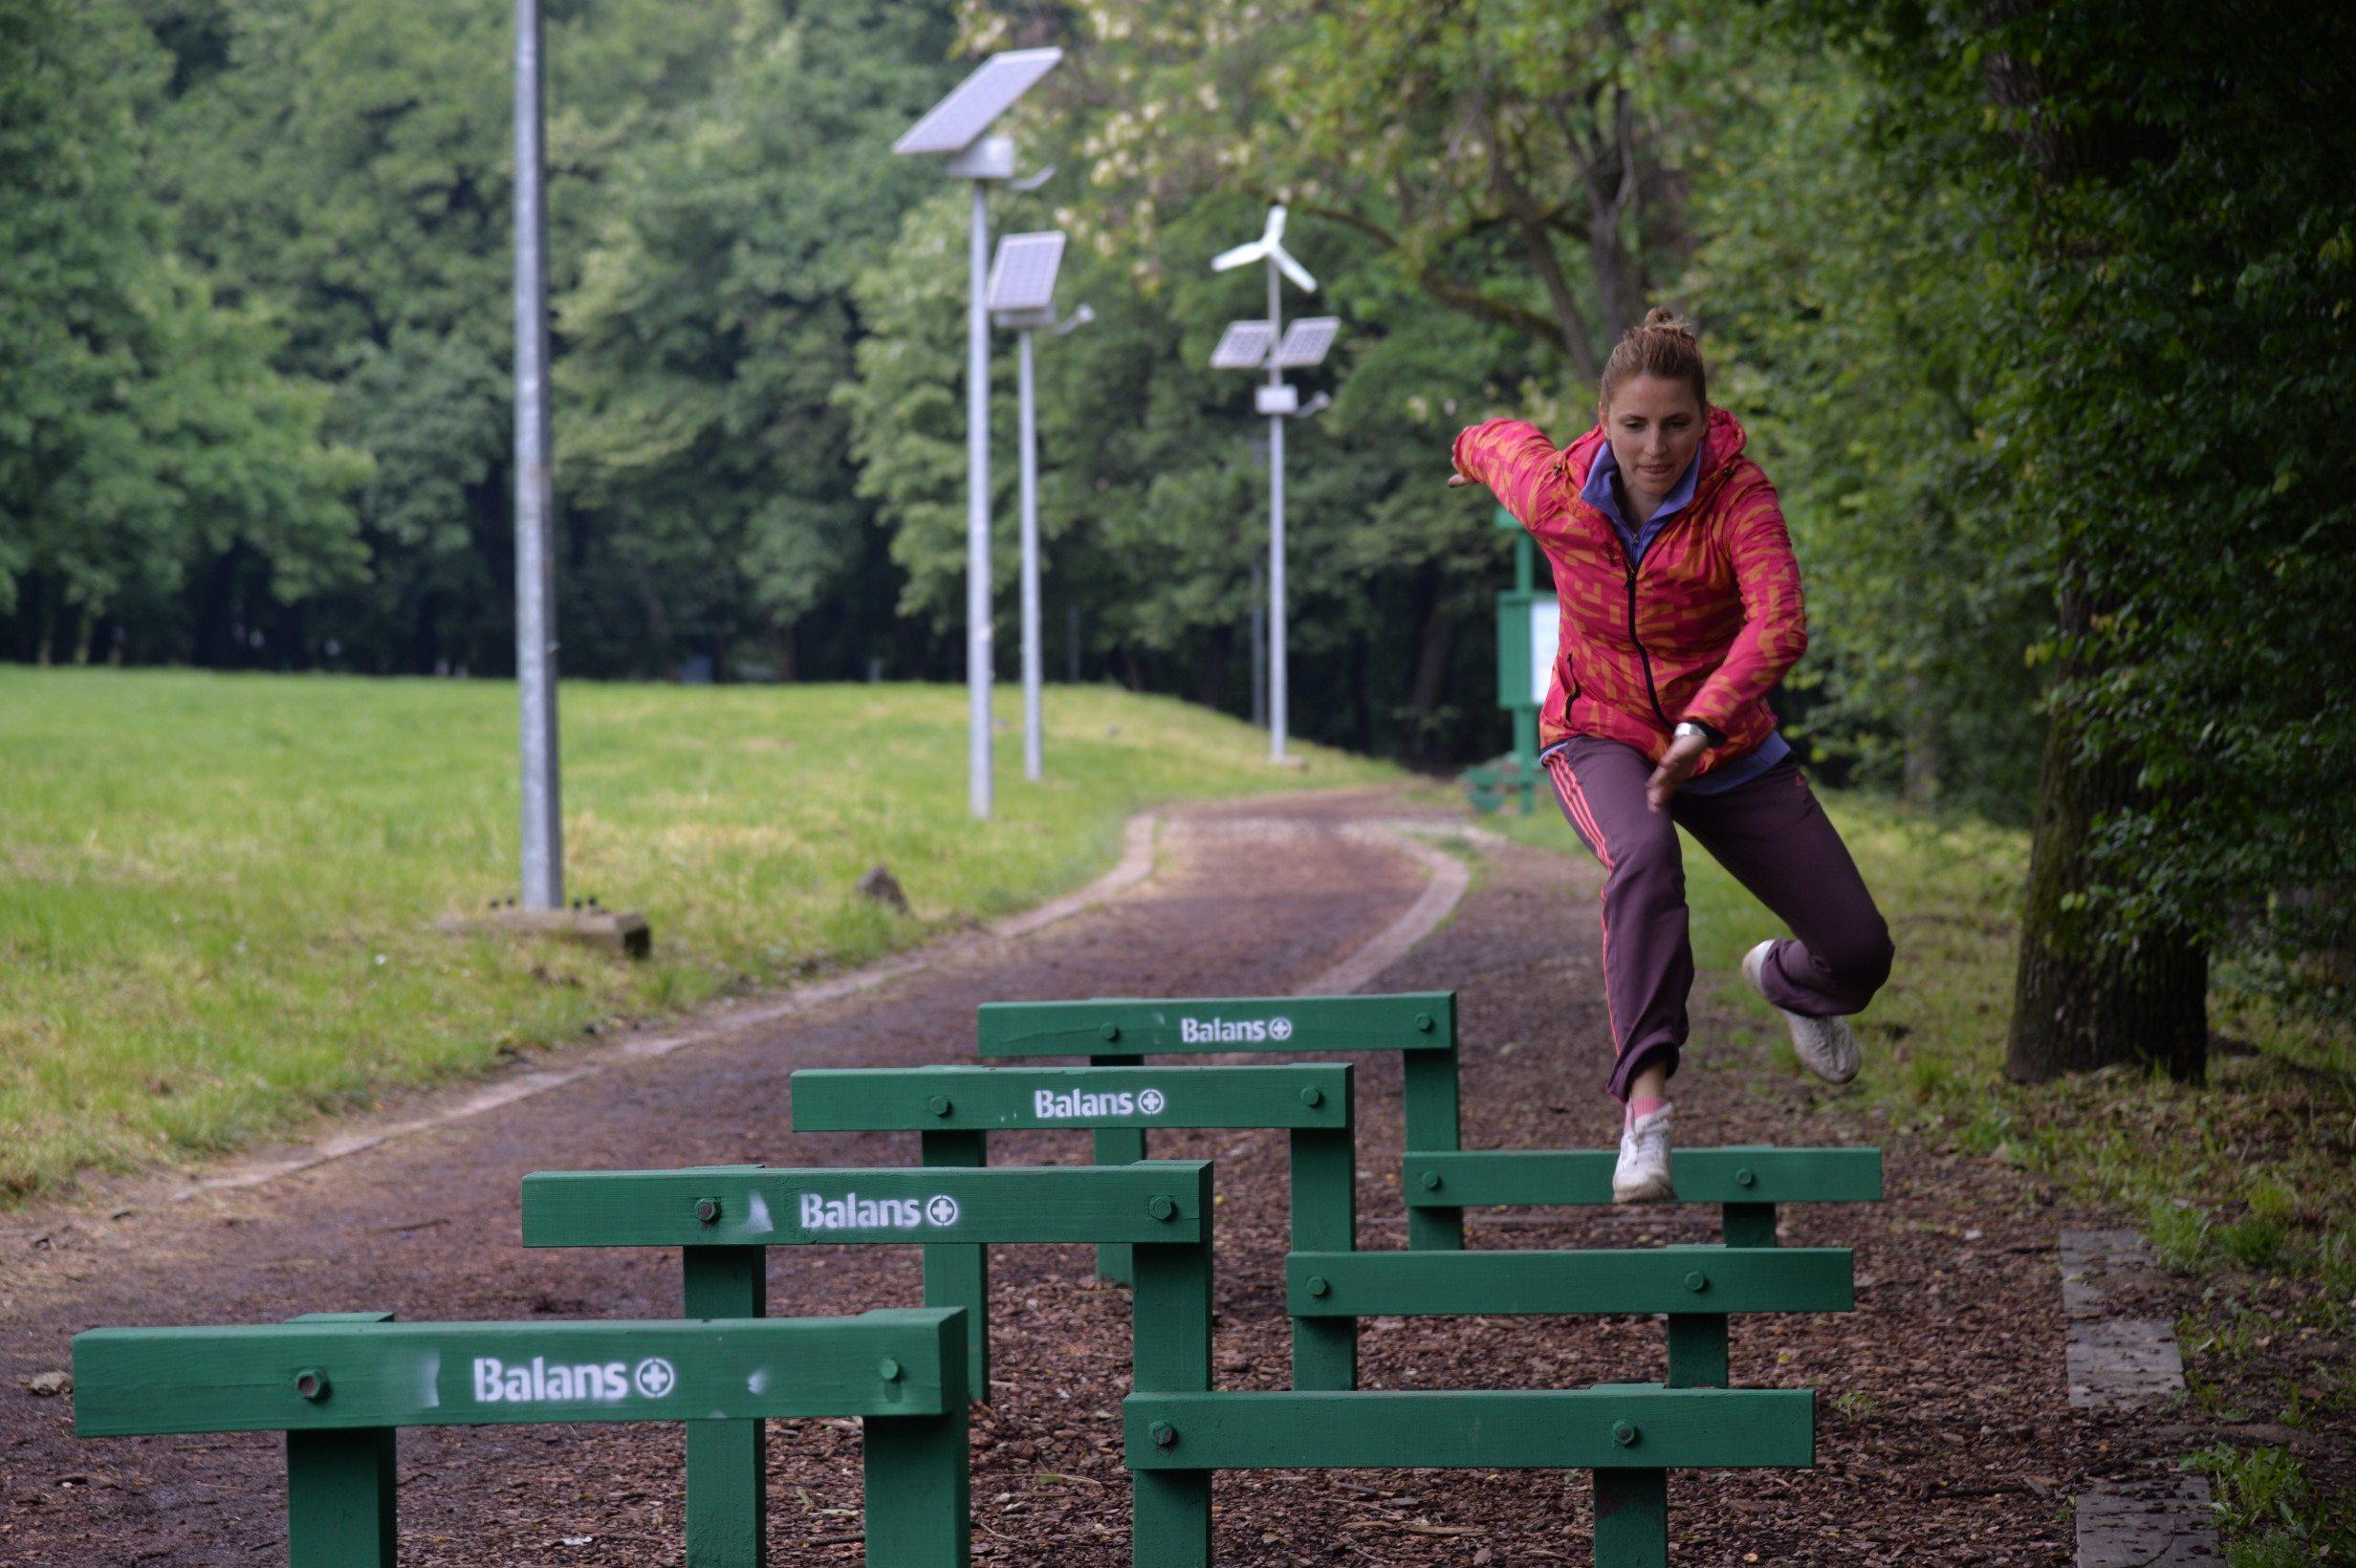 Da li ste trčali na Košutnjaku? Predstavjlamo Trim stazu i još 10 ruta koje možete istražiti za trčanje!